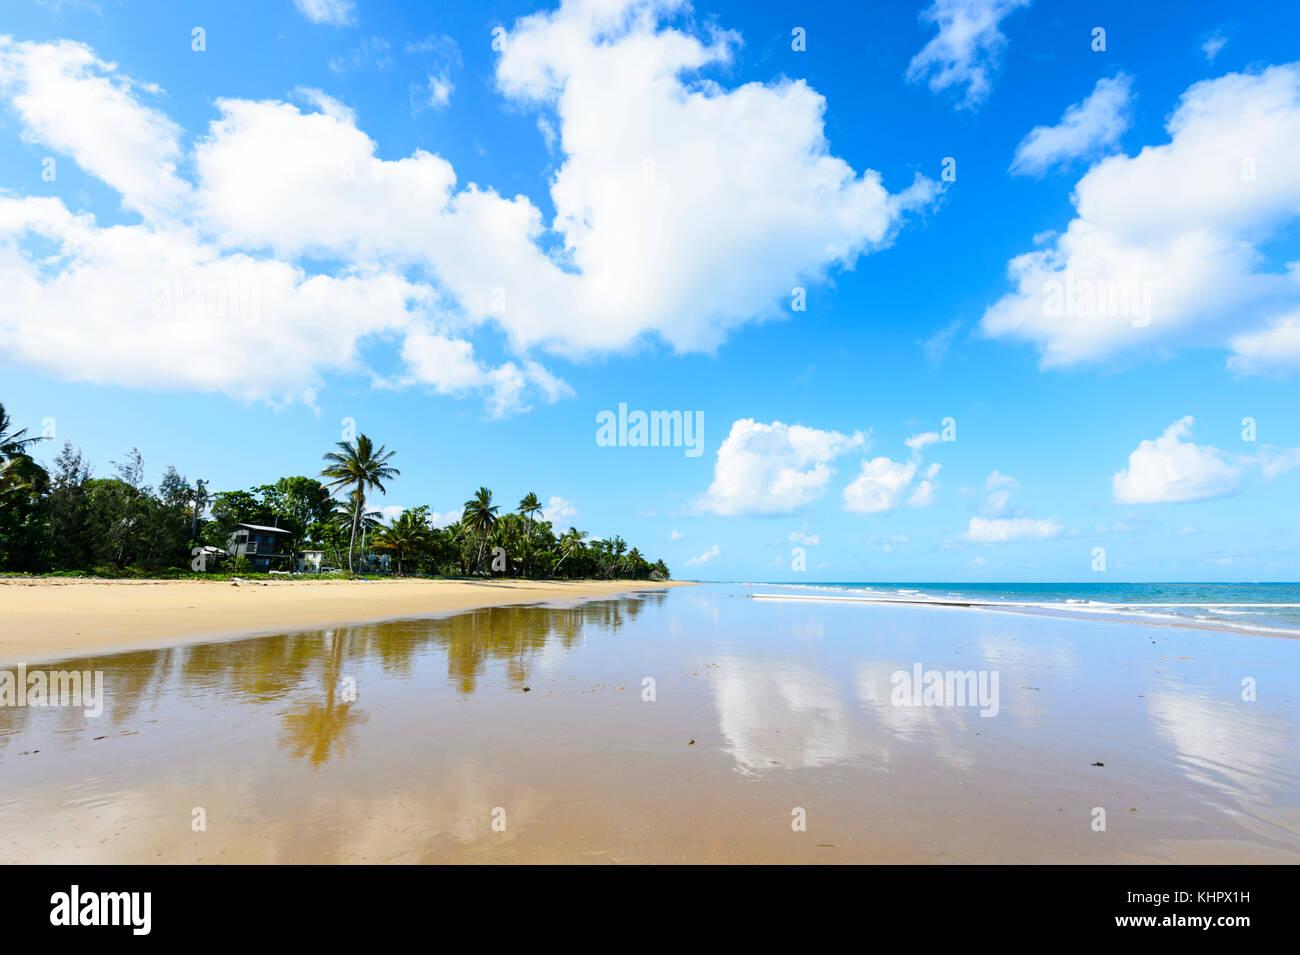 Di palme e deserta spiaggia sabbiosa di South Mission Beach sul Mare di corallo, estremo Nord Queensland, FNQ, Australia Immagini Stock